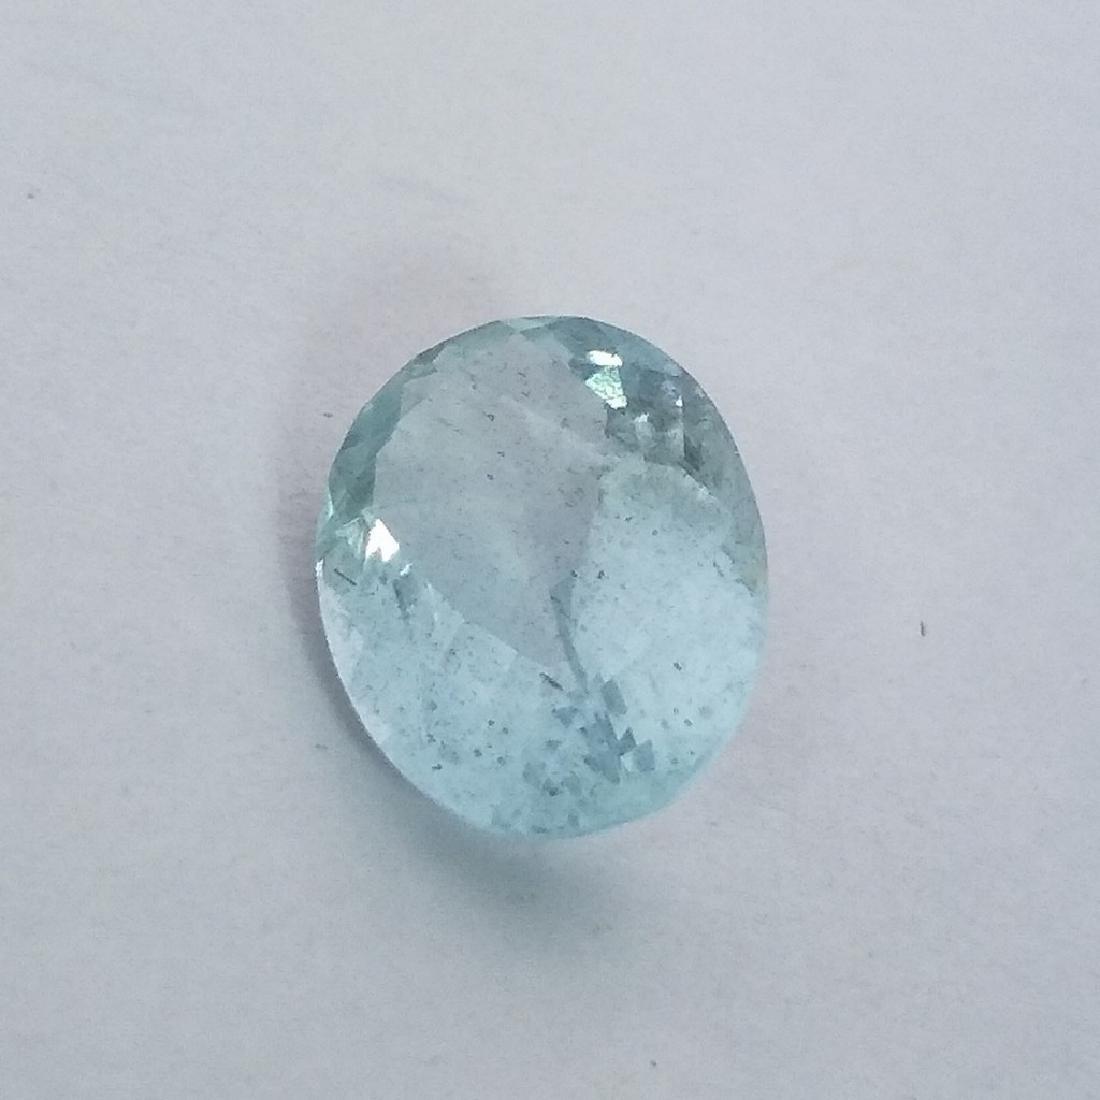 Aquamarine - 3.41 ct - 4